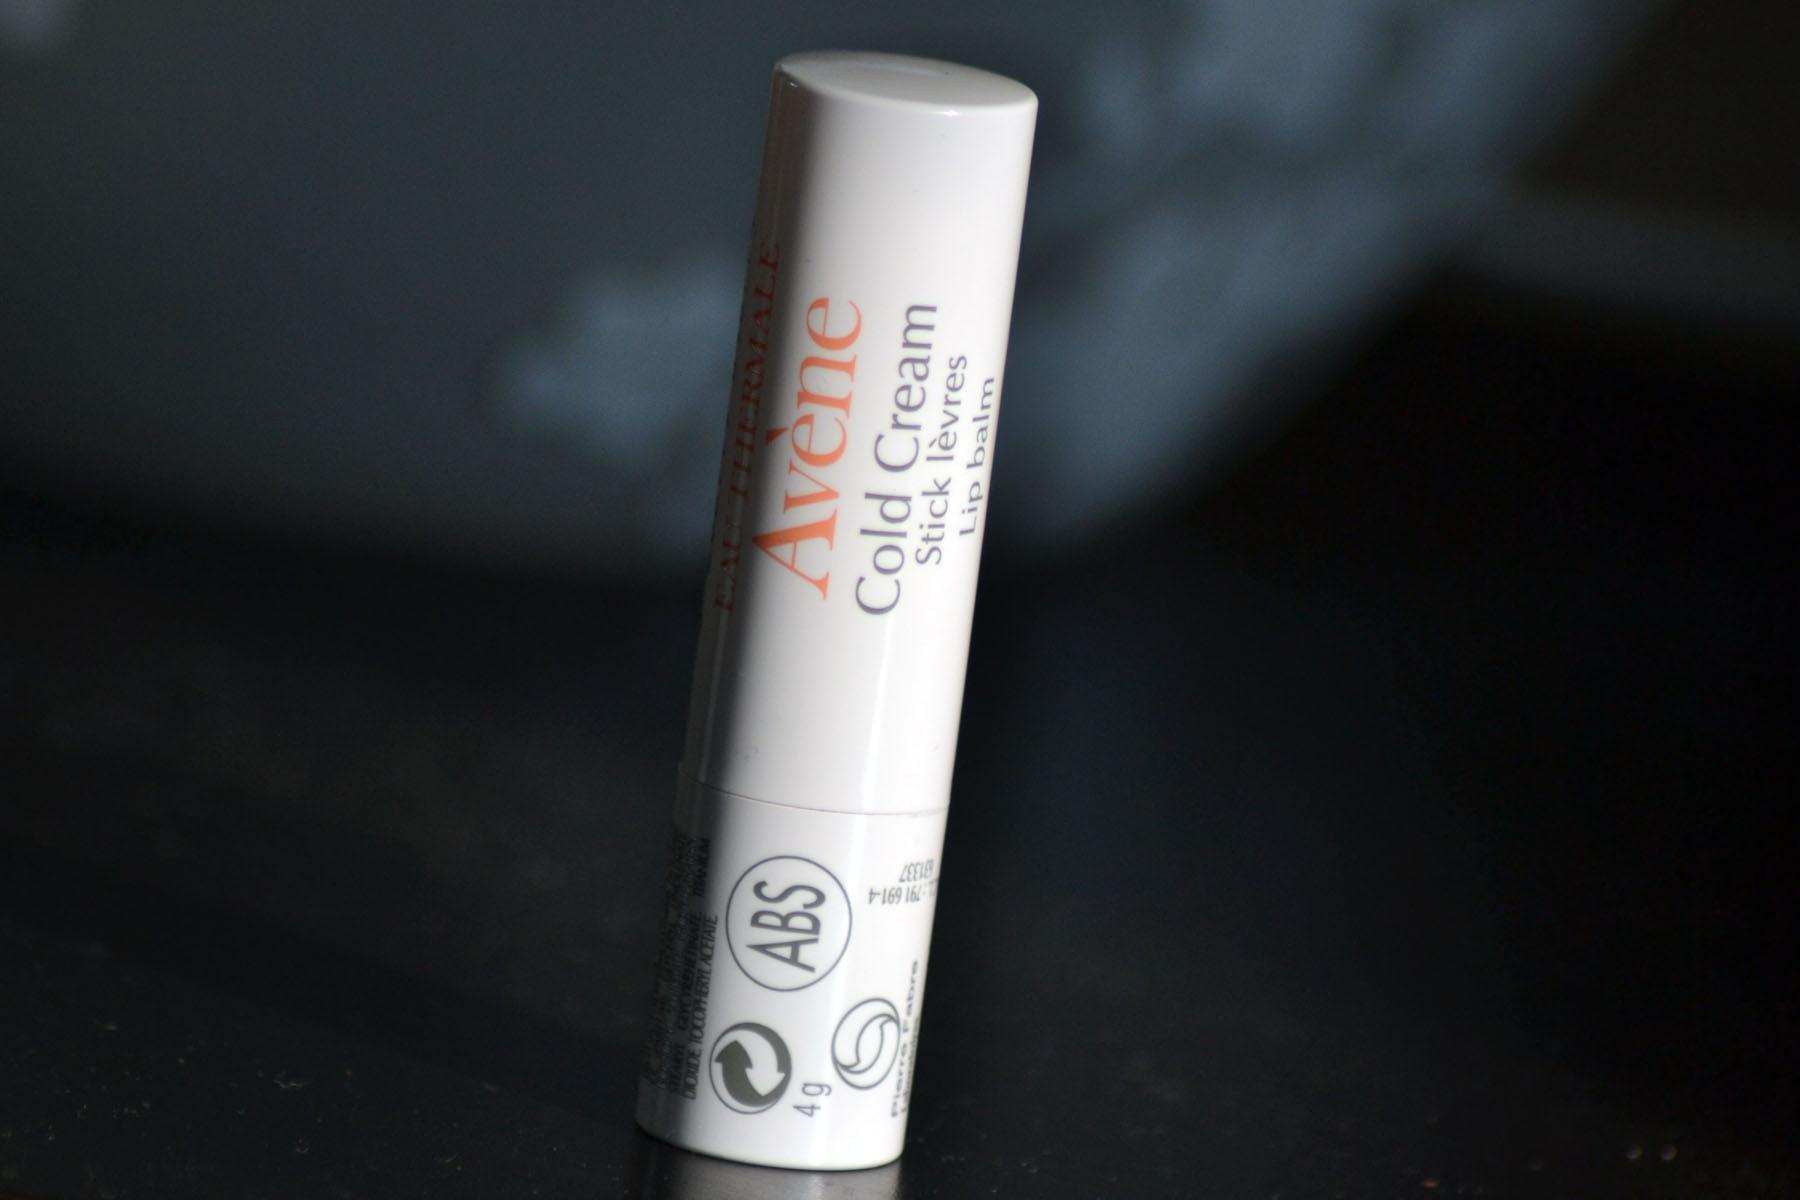 Bra läppbalsam för hösttorra läppar